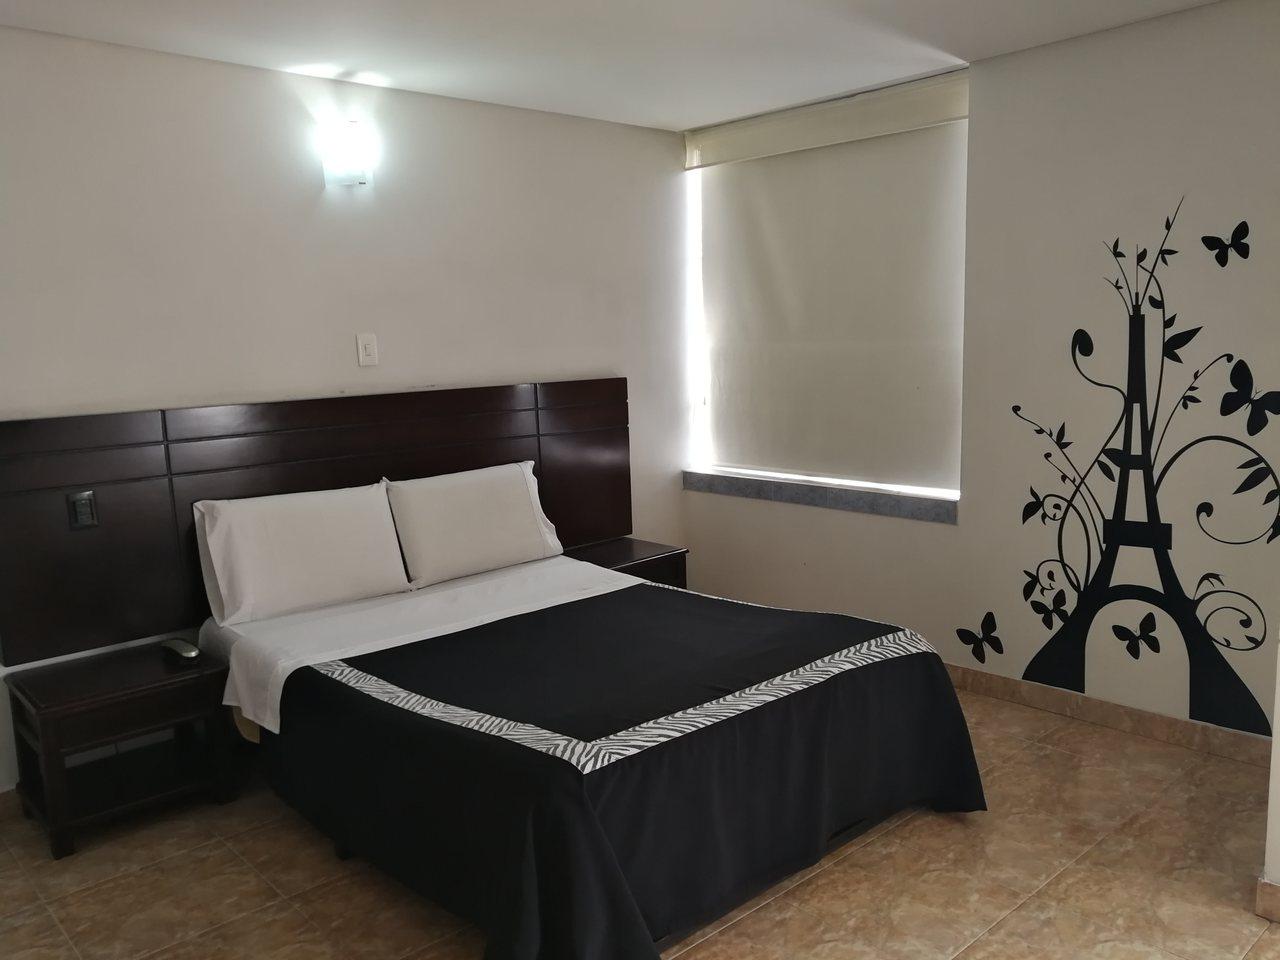 Habitación Habitación Corriente en Rialto : MotelNow